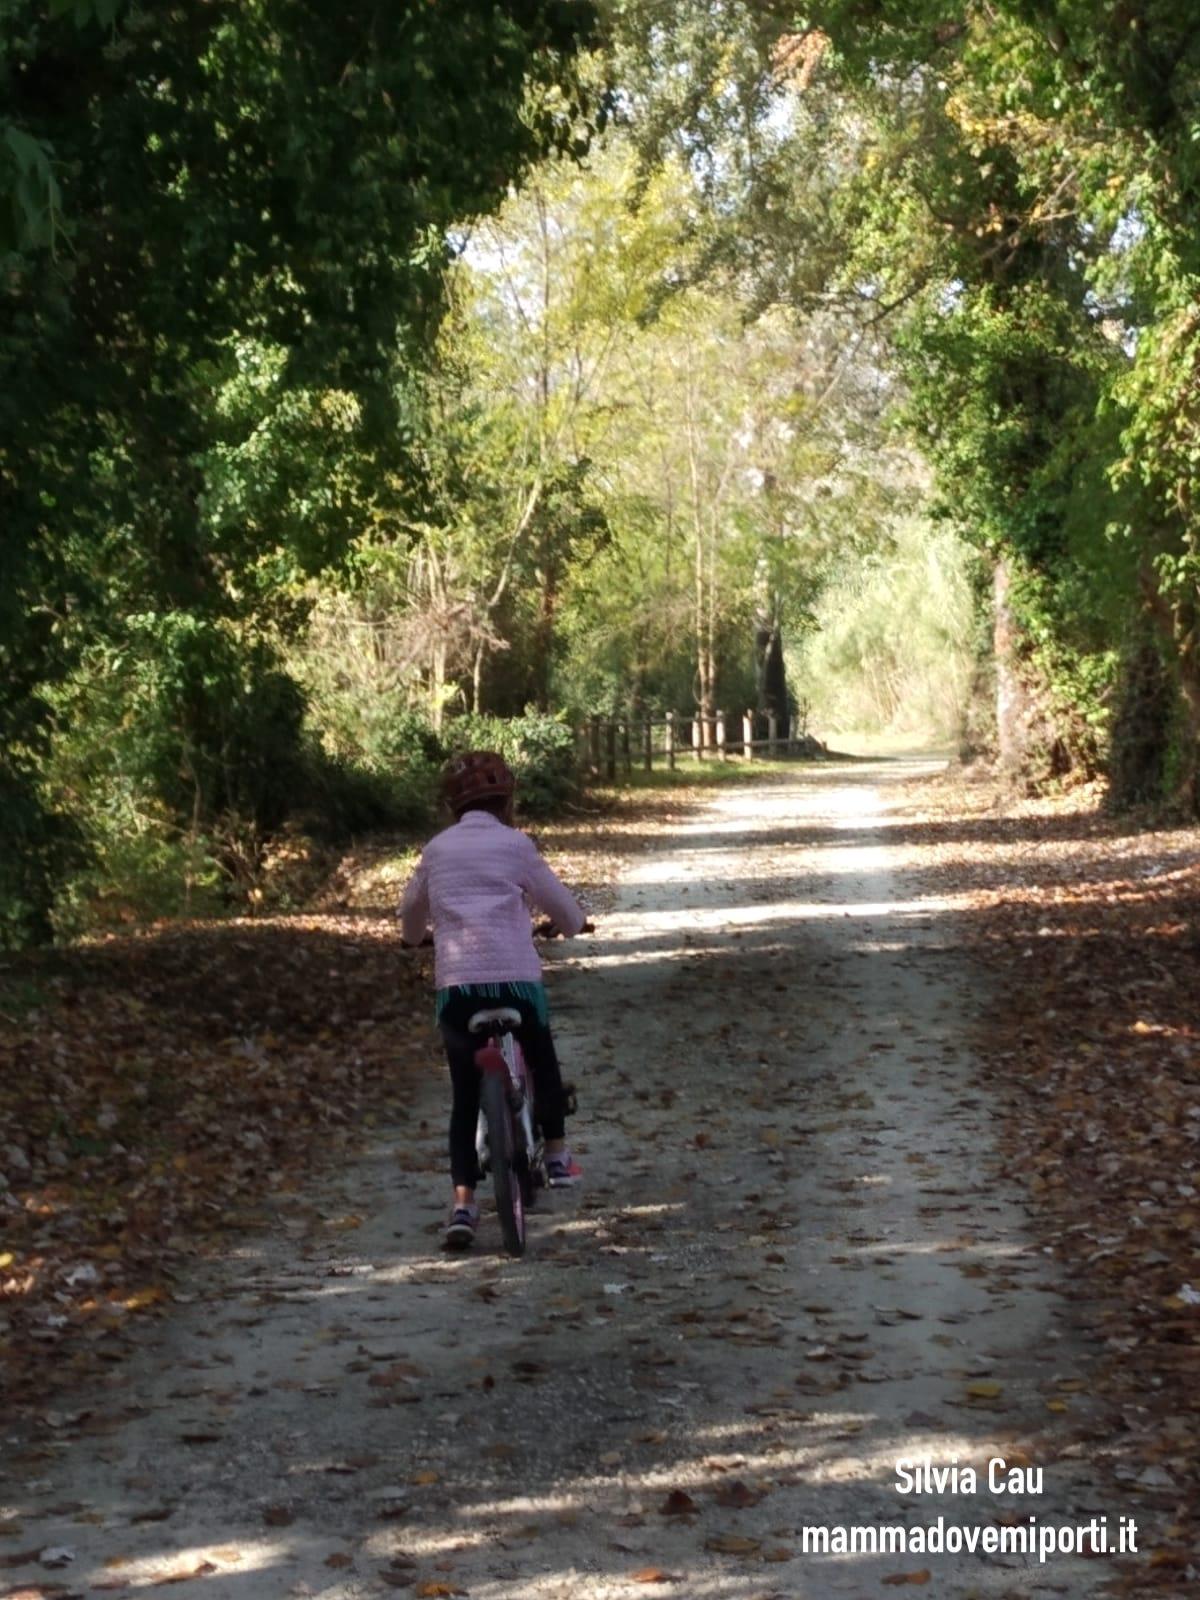 Piste ciclabili a Pescara: Pista Ciclabile Parco Fluviale